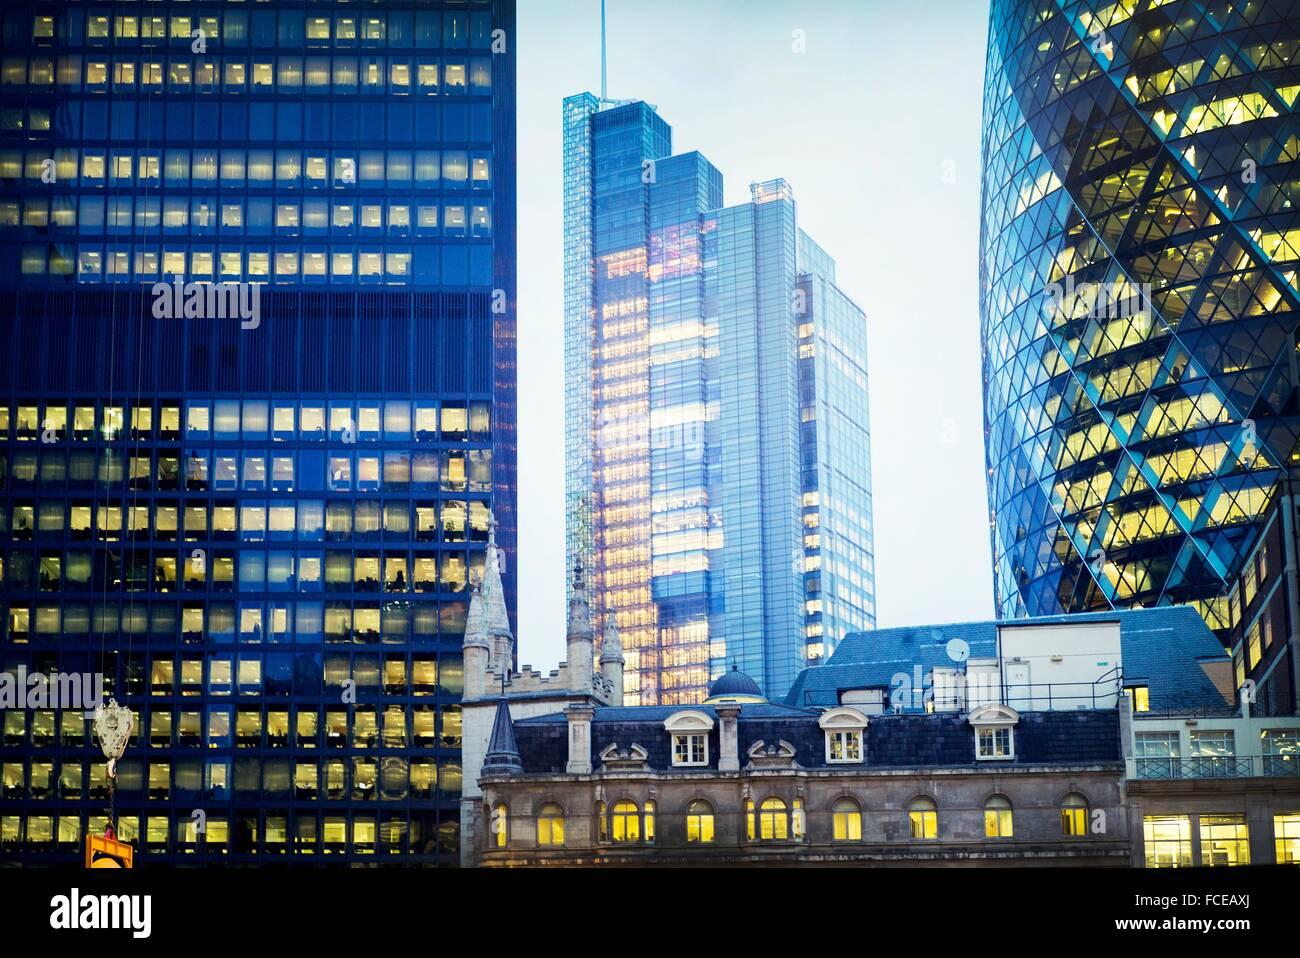 Vista de los edificios emblemáticos de la ciudad al atardecer. El pepinillo, el edificio Leadenhall y Heron Tower. Foto de stock